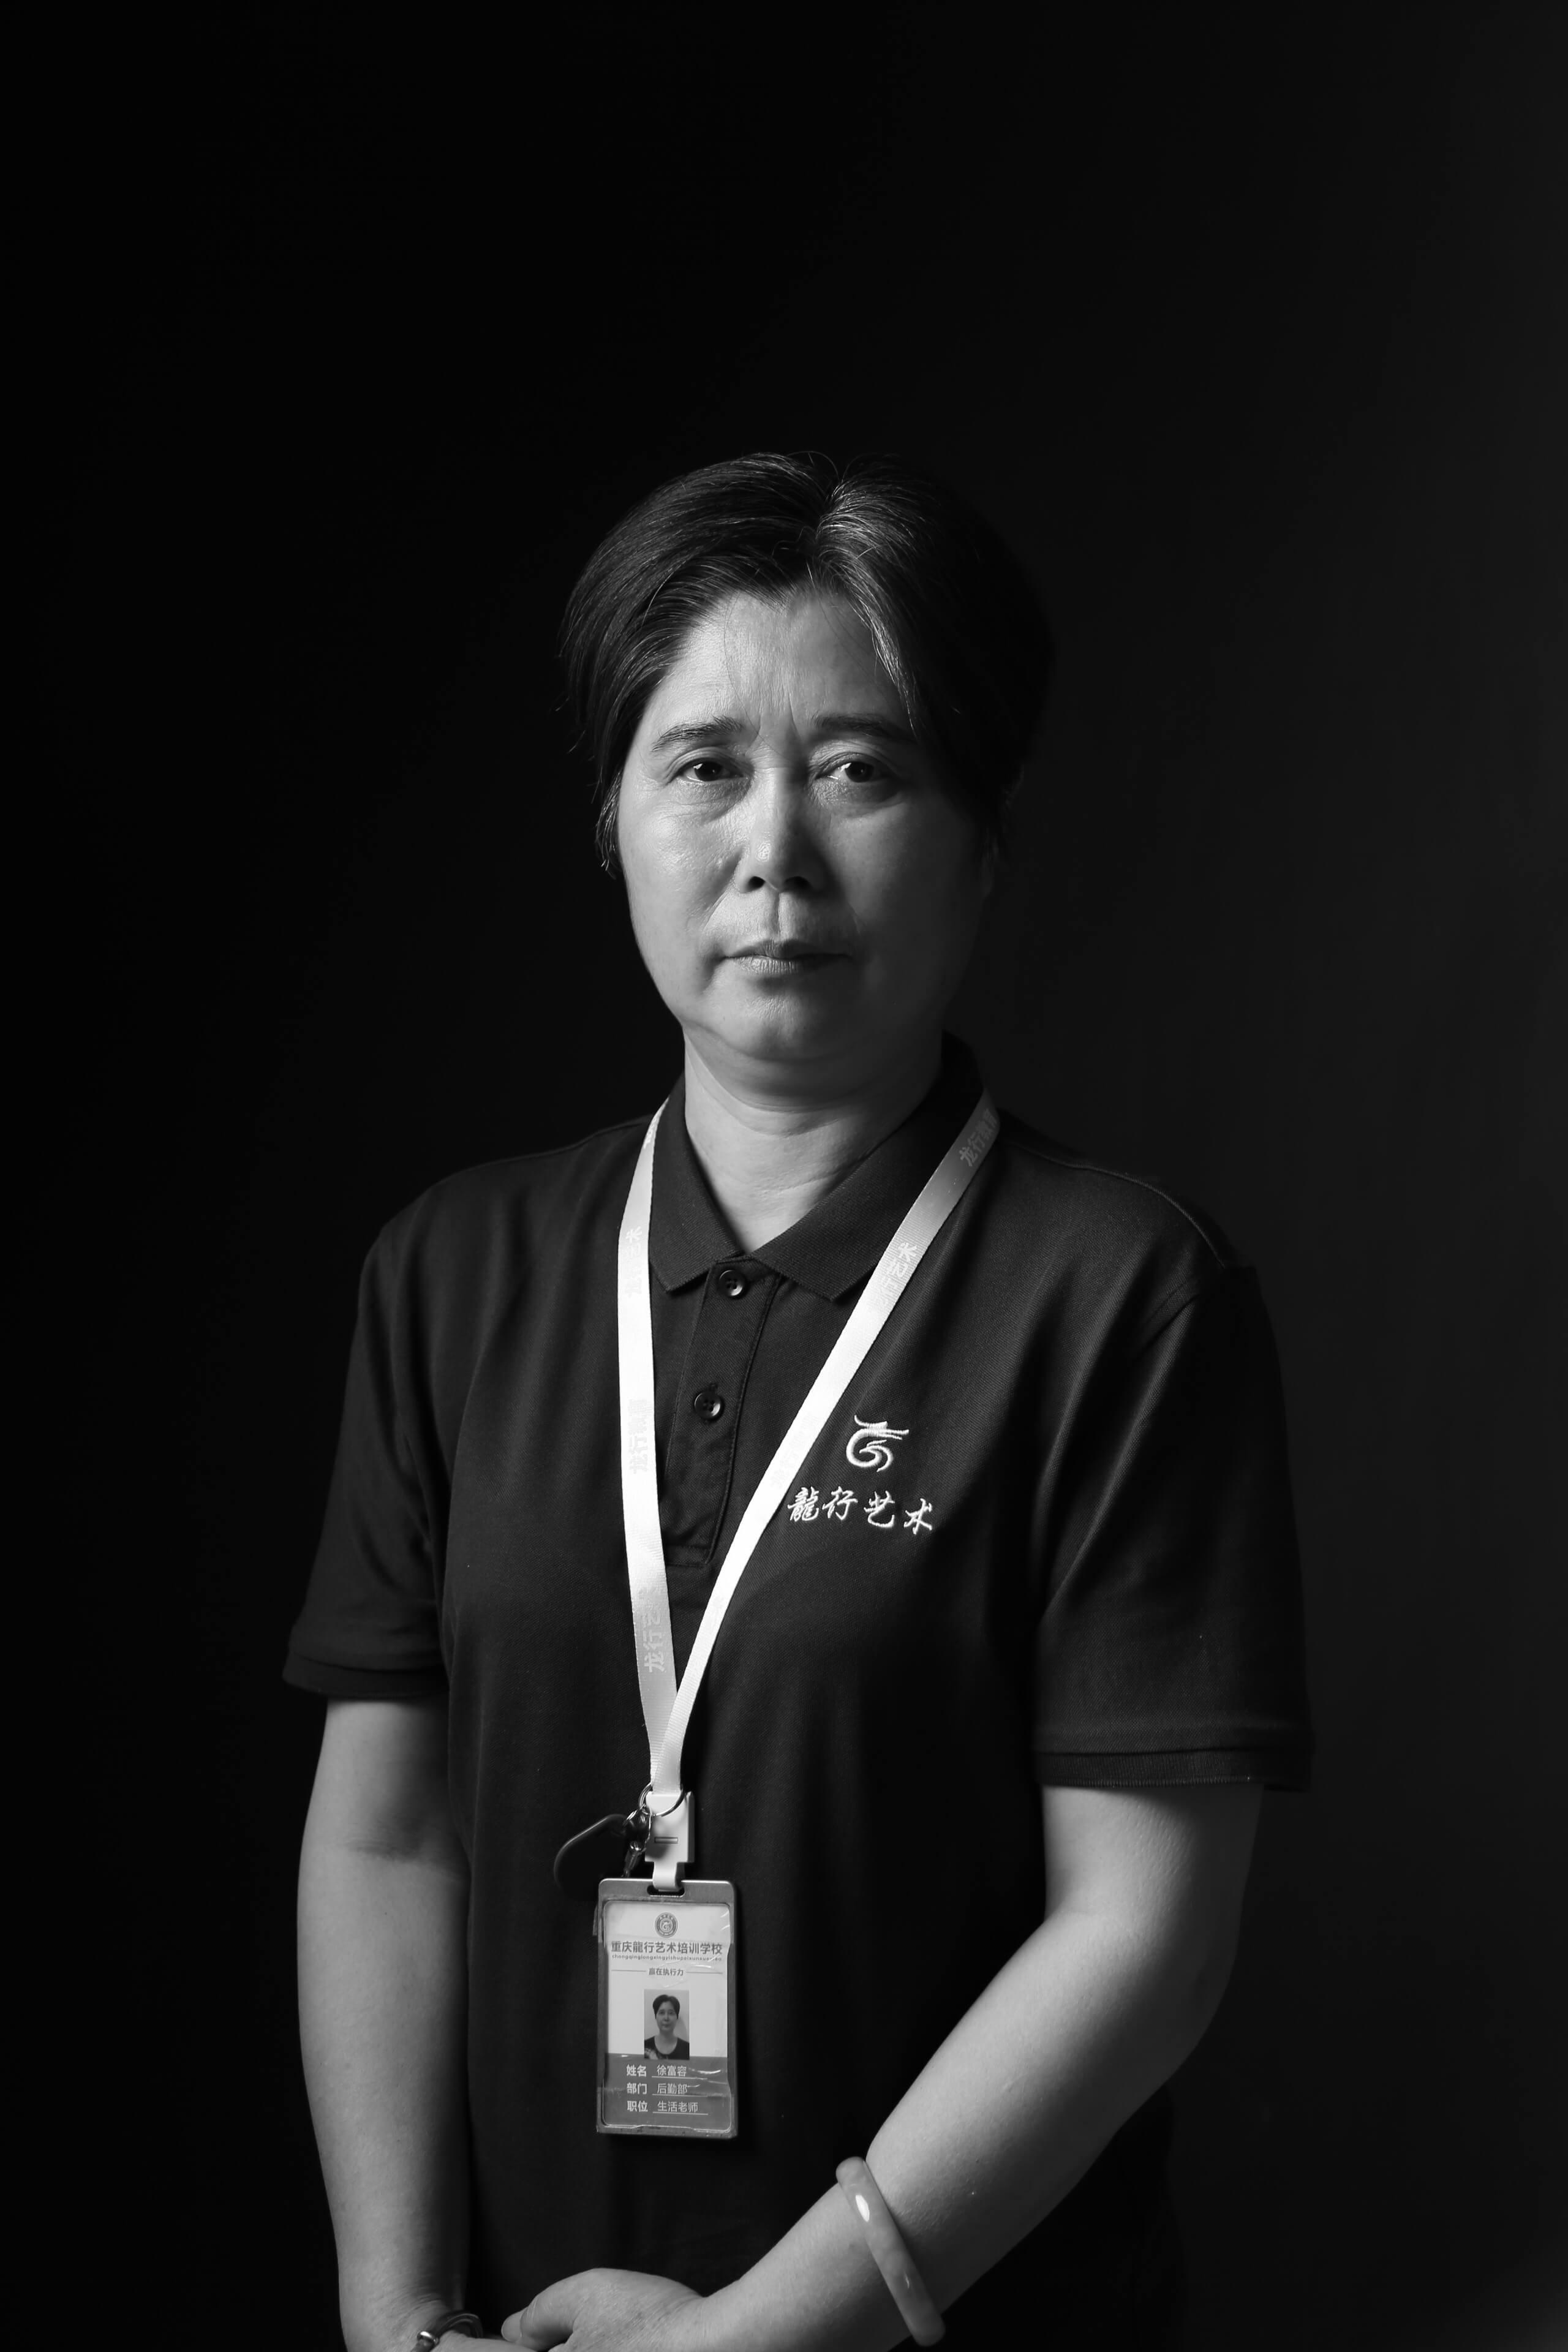 重庆美术培训画室老师-徐富容